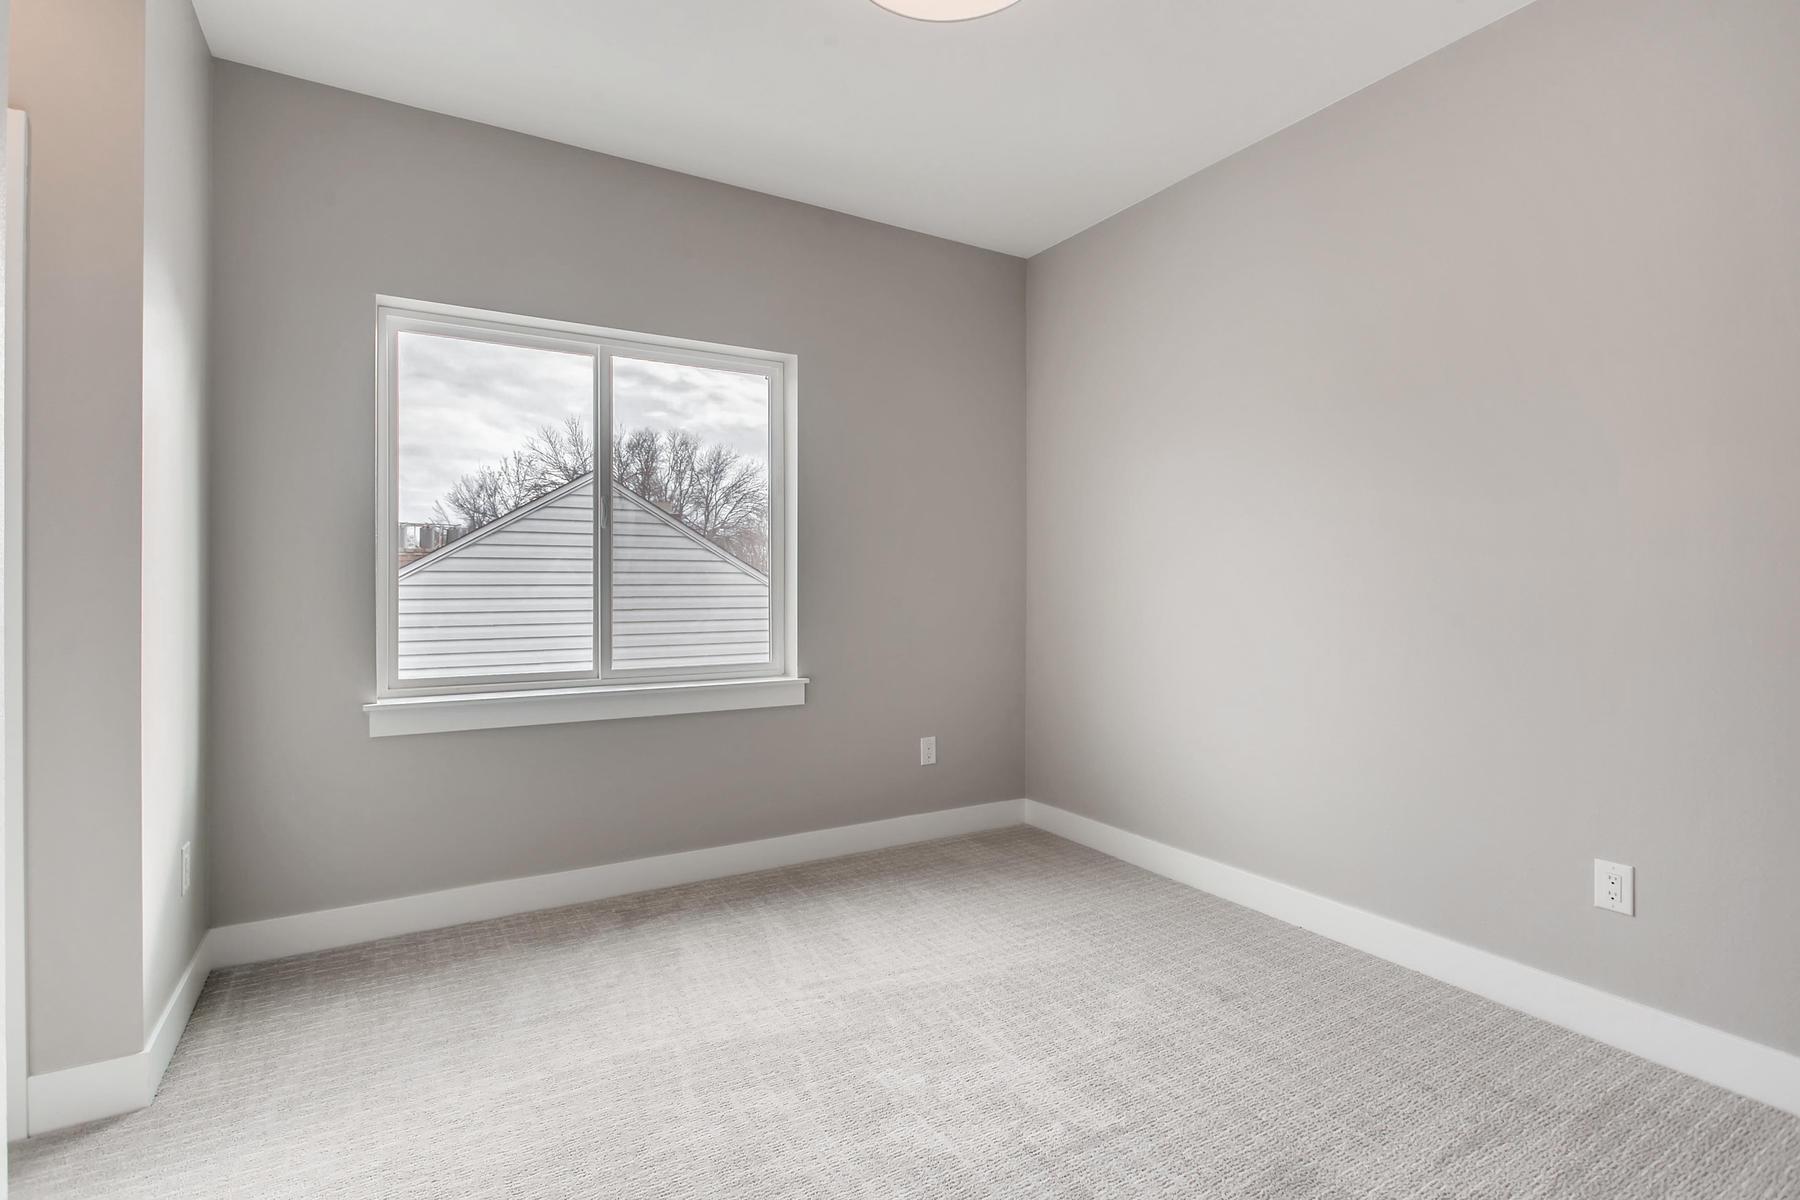 3101 S Cherokee St Englewood-020-24-2nd Floor Bedroom-MLS_Size.jpg